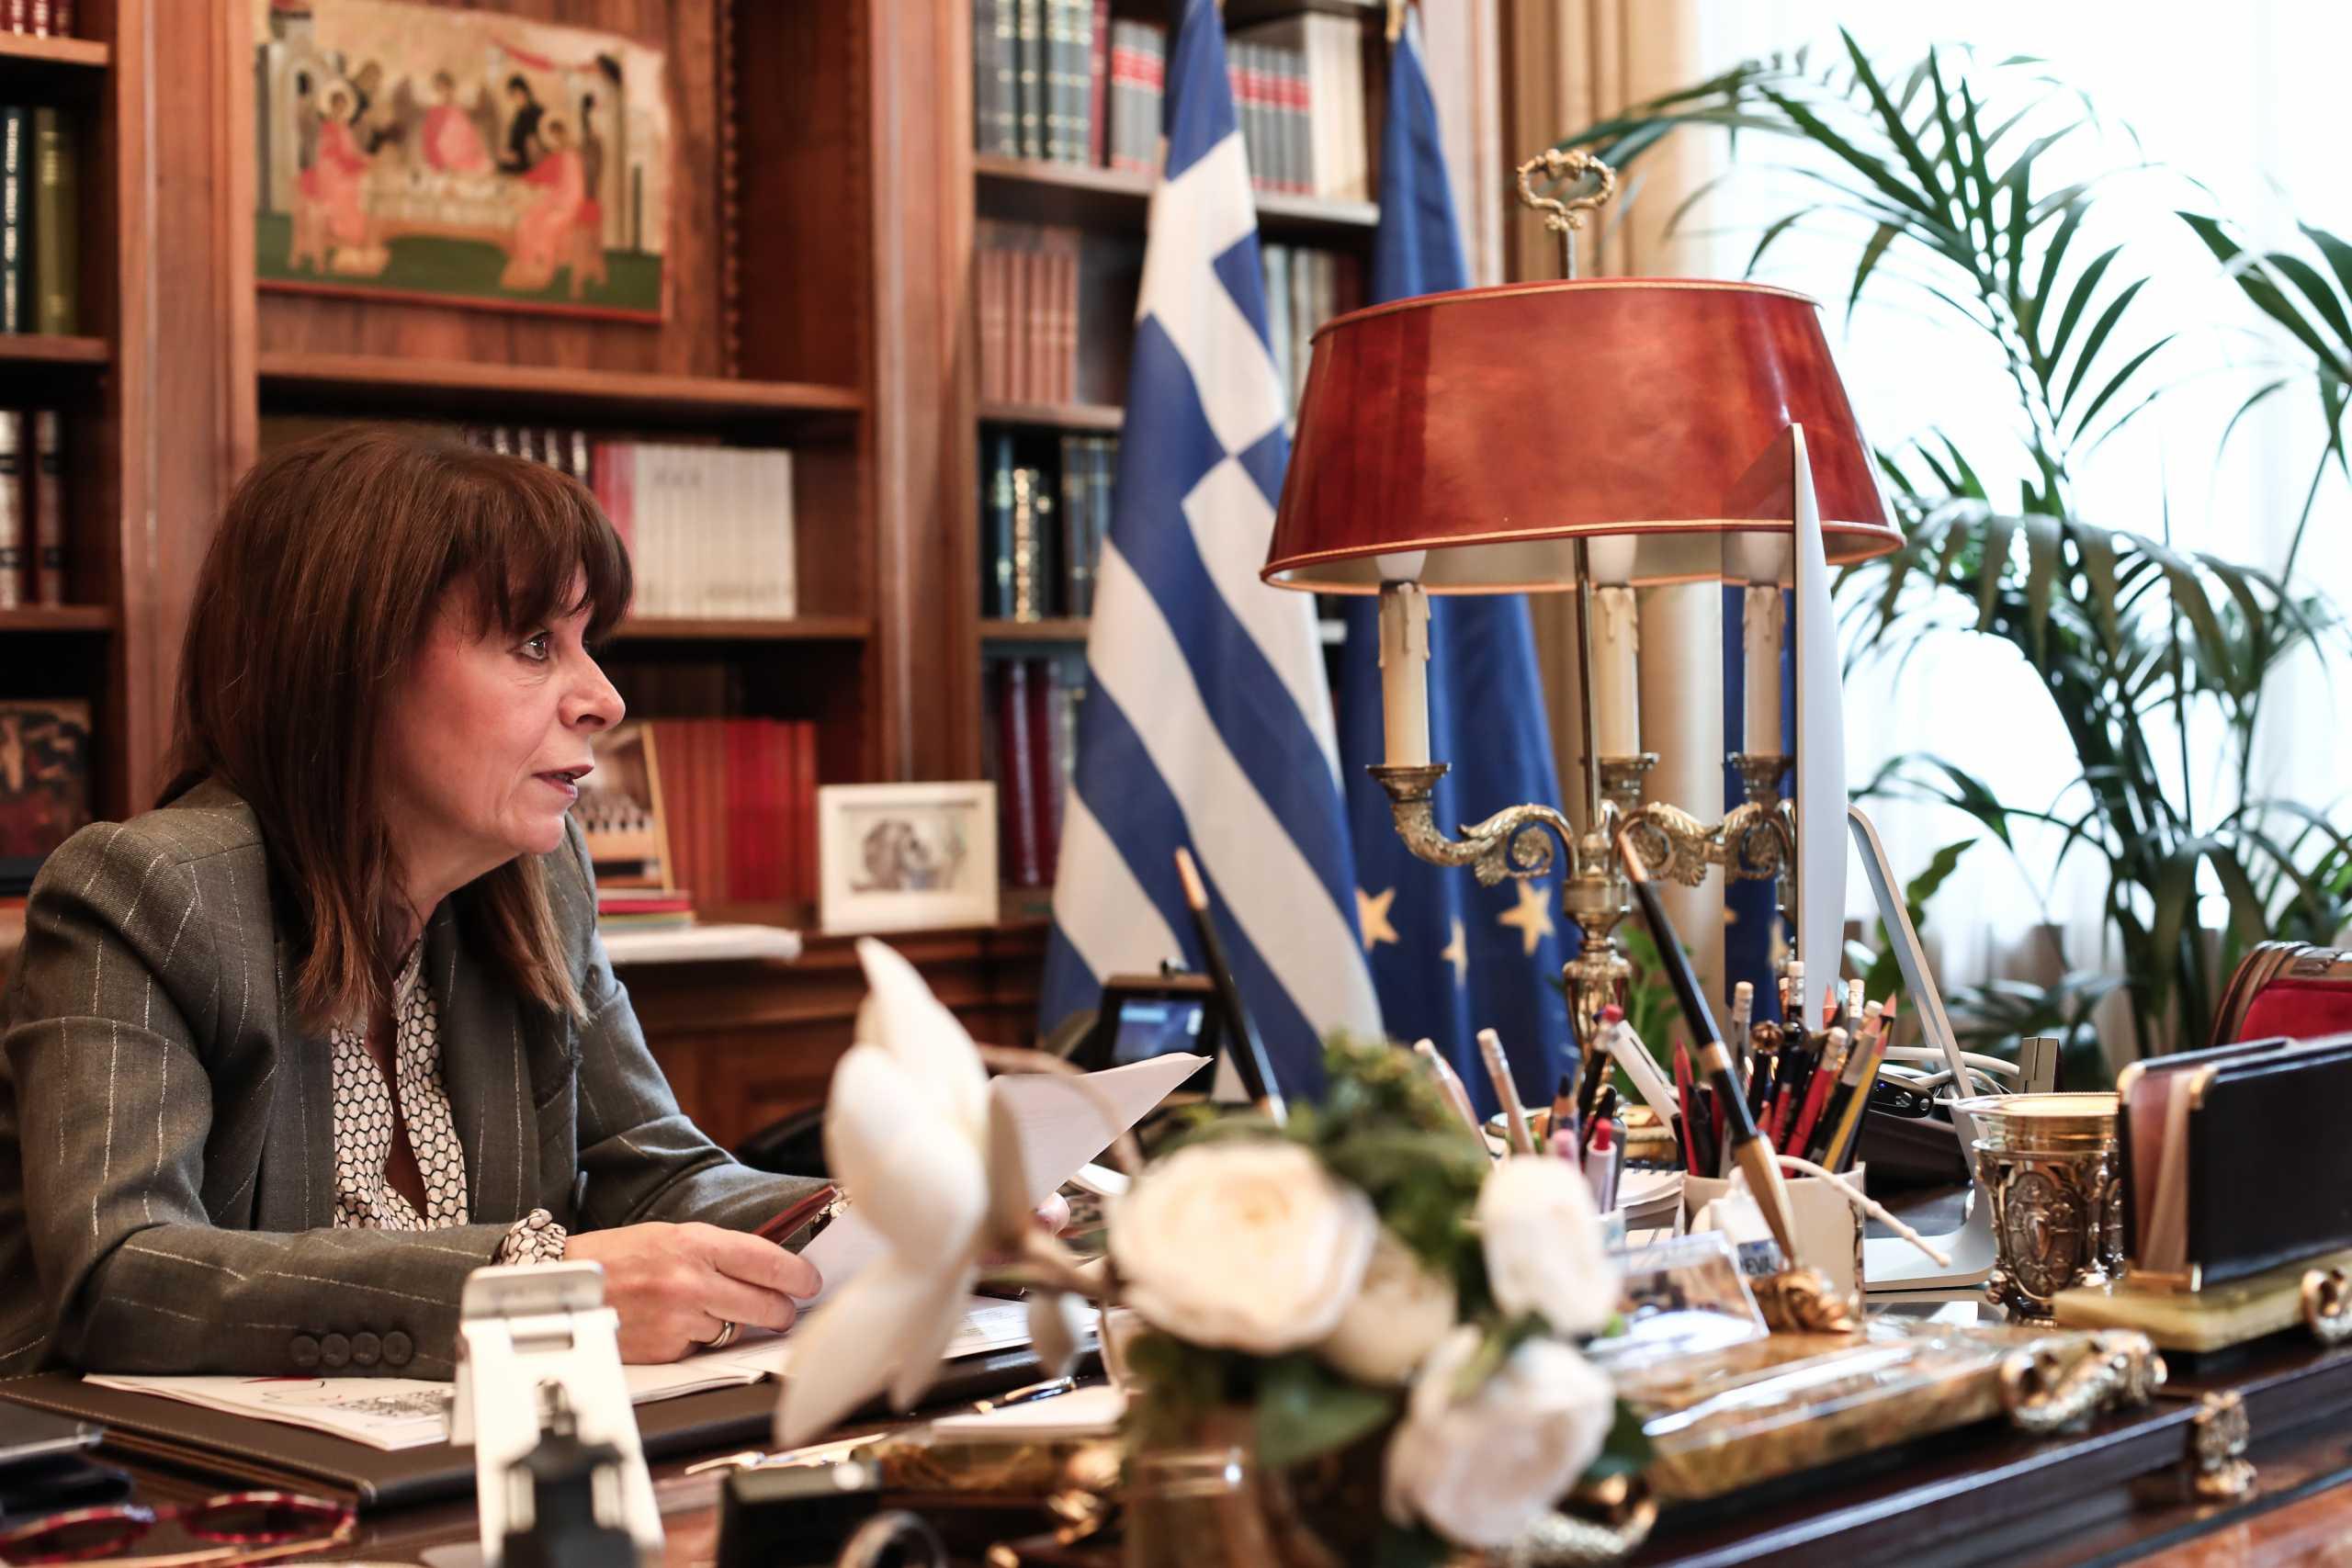 Σακελλαροπούλου: Ο Ζισκαρ Ντ' Εστέν σημάδεψε την πολιτική ζωή της Ευρώπης